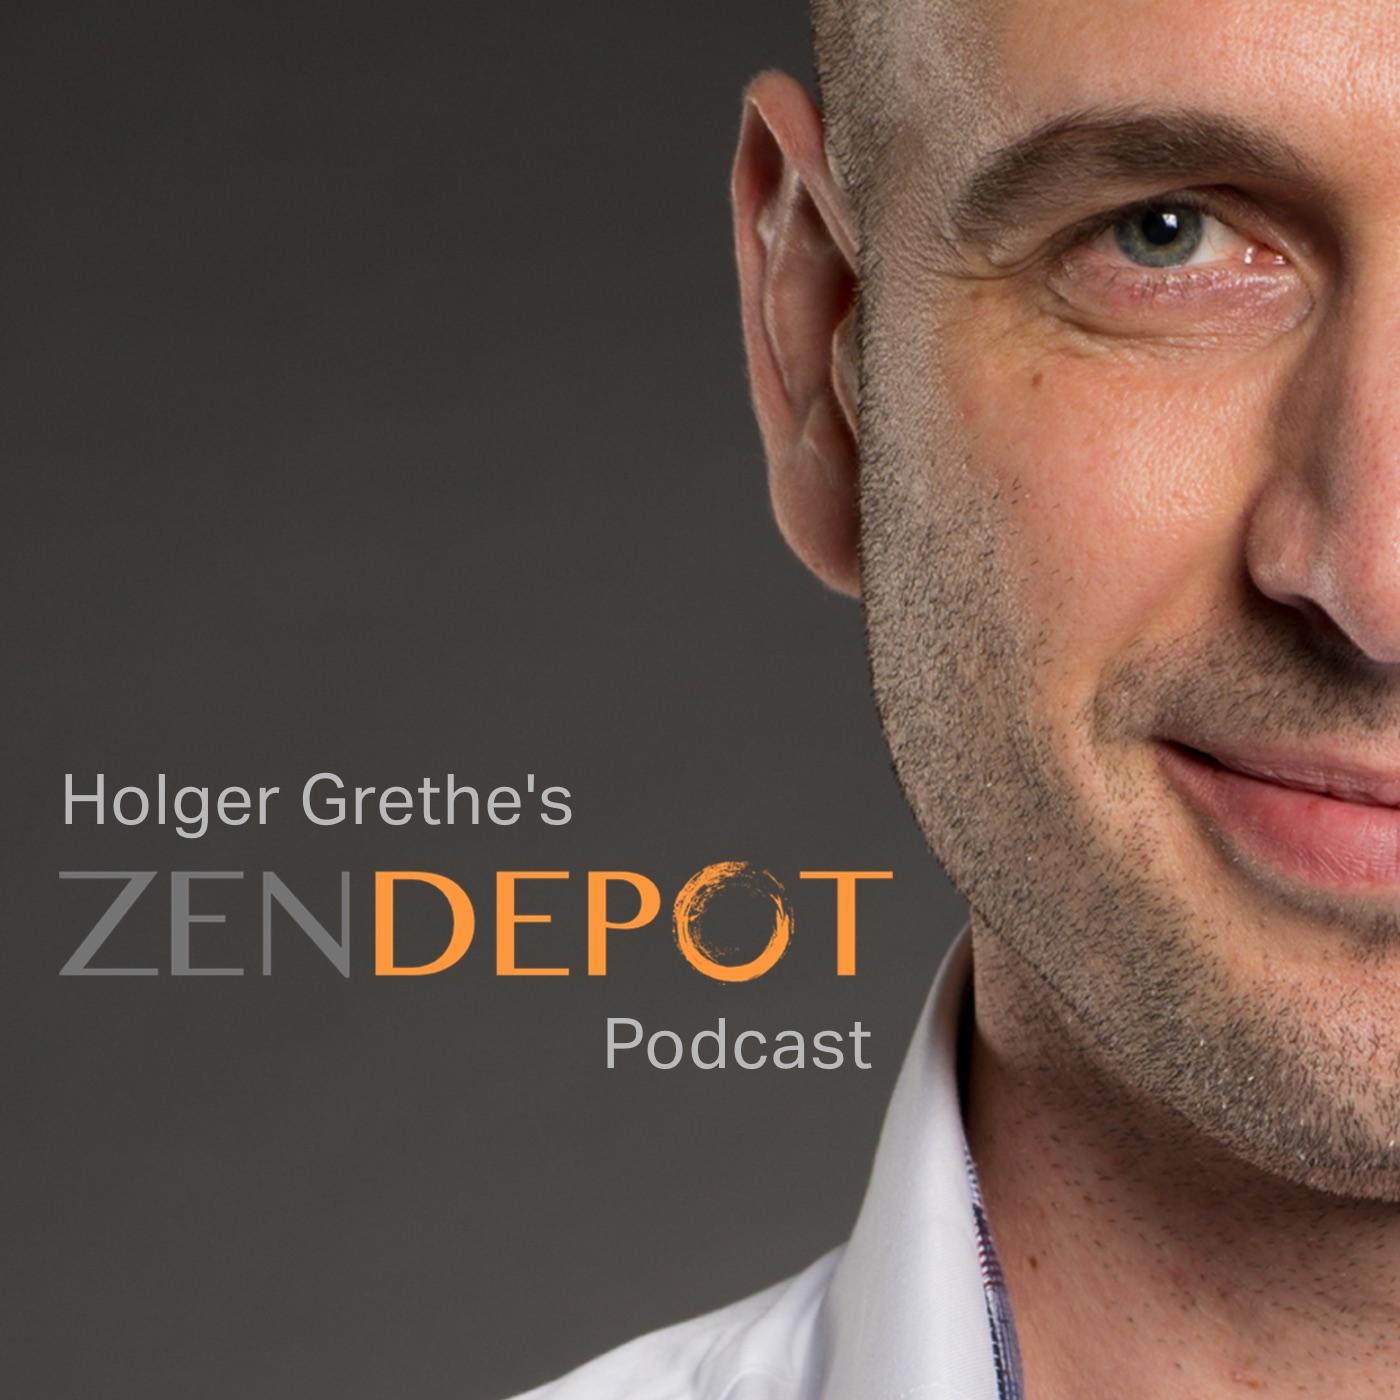 Zendepot Podcast: Erfolgreich Vermögen aufbauen in Eigenregie show art